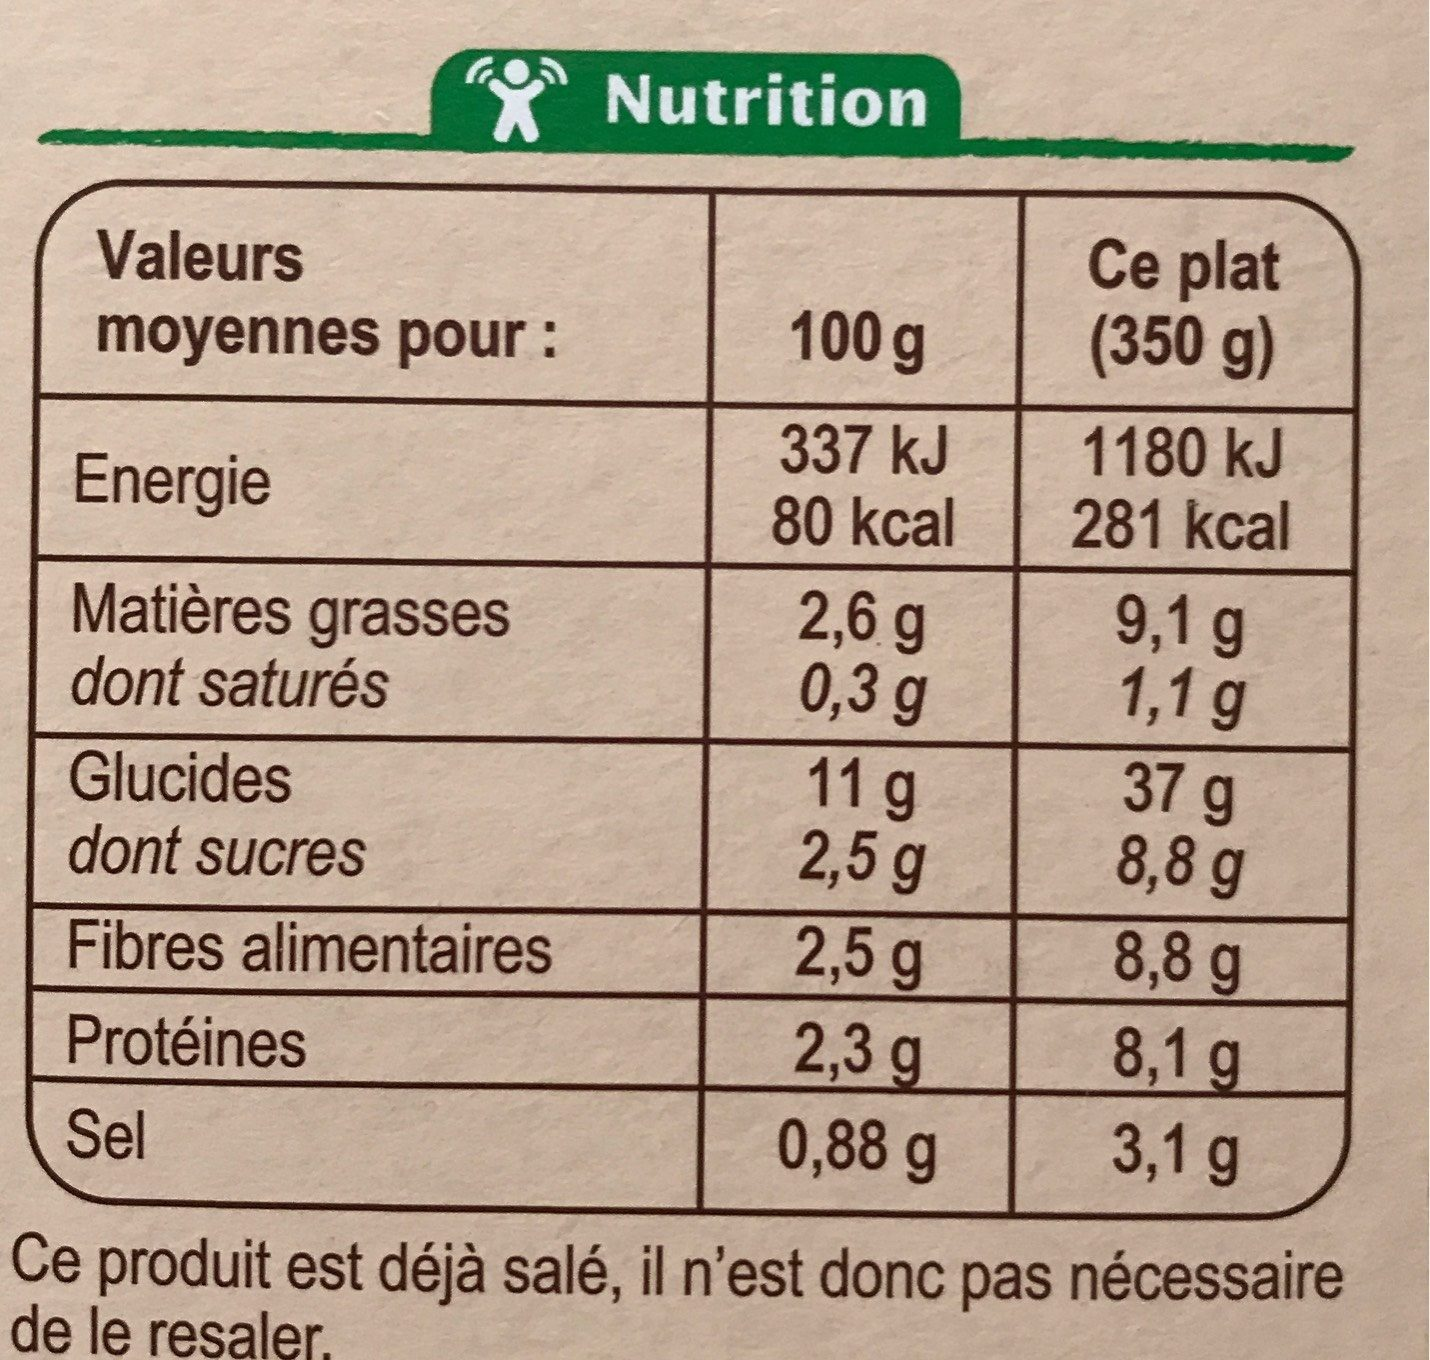 Assiette végétarienne de légumes et de quinoa - Informations nutritionnelles - fr